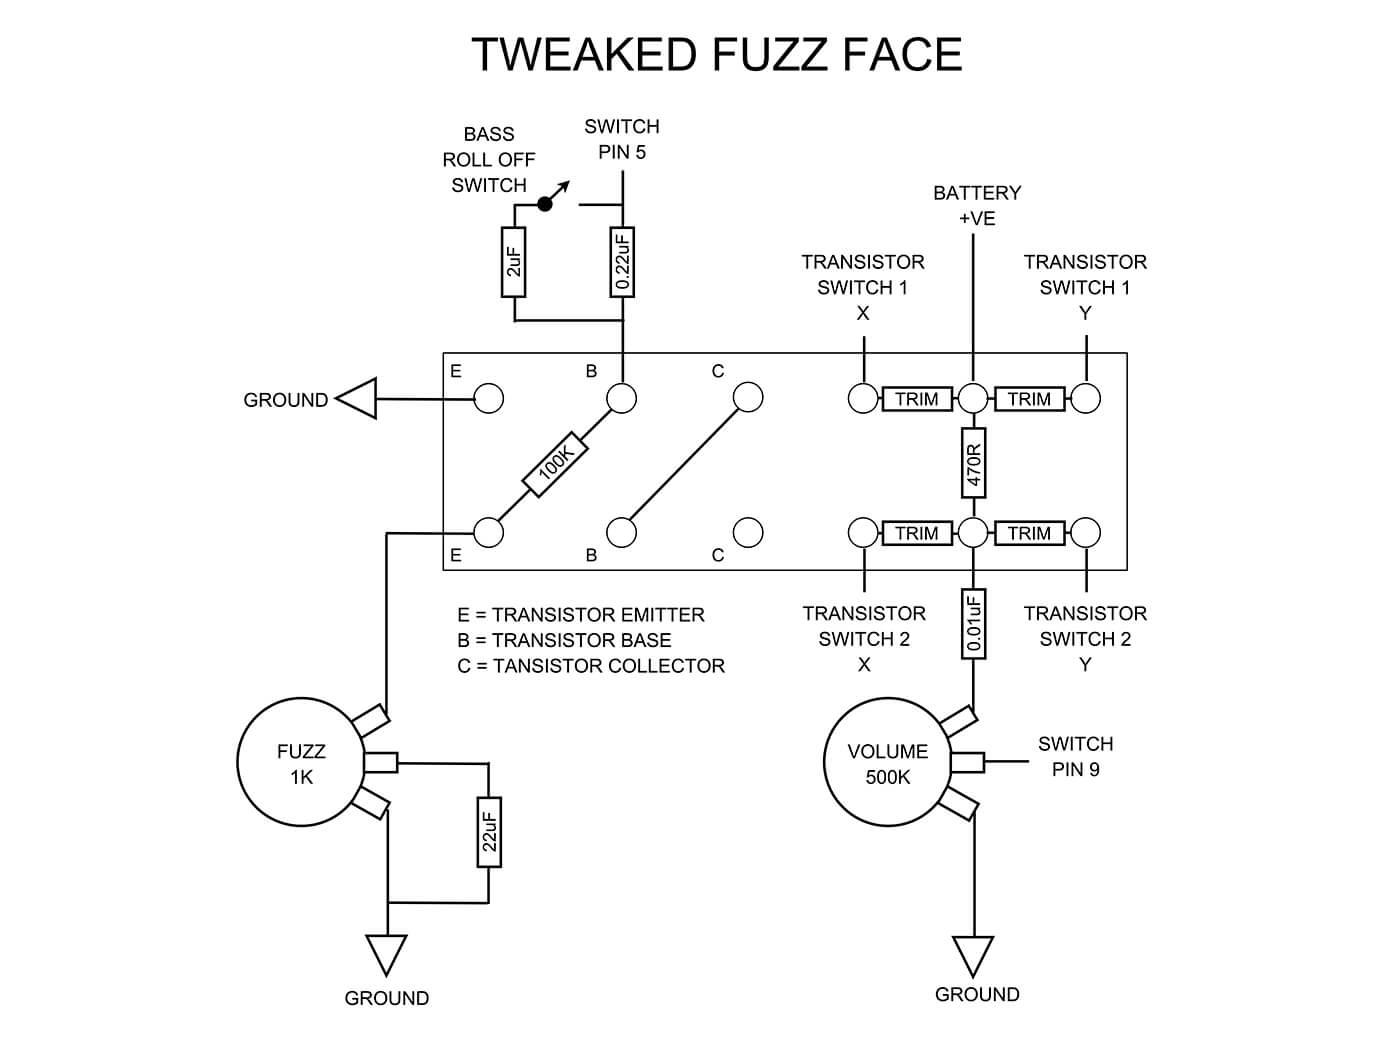 Tweaked Fuzz Facce